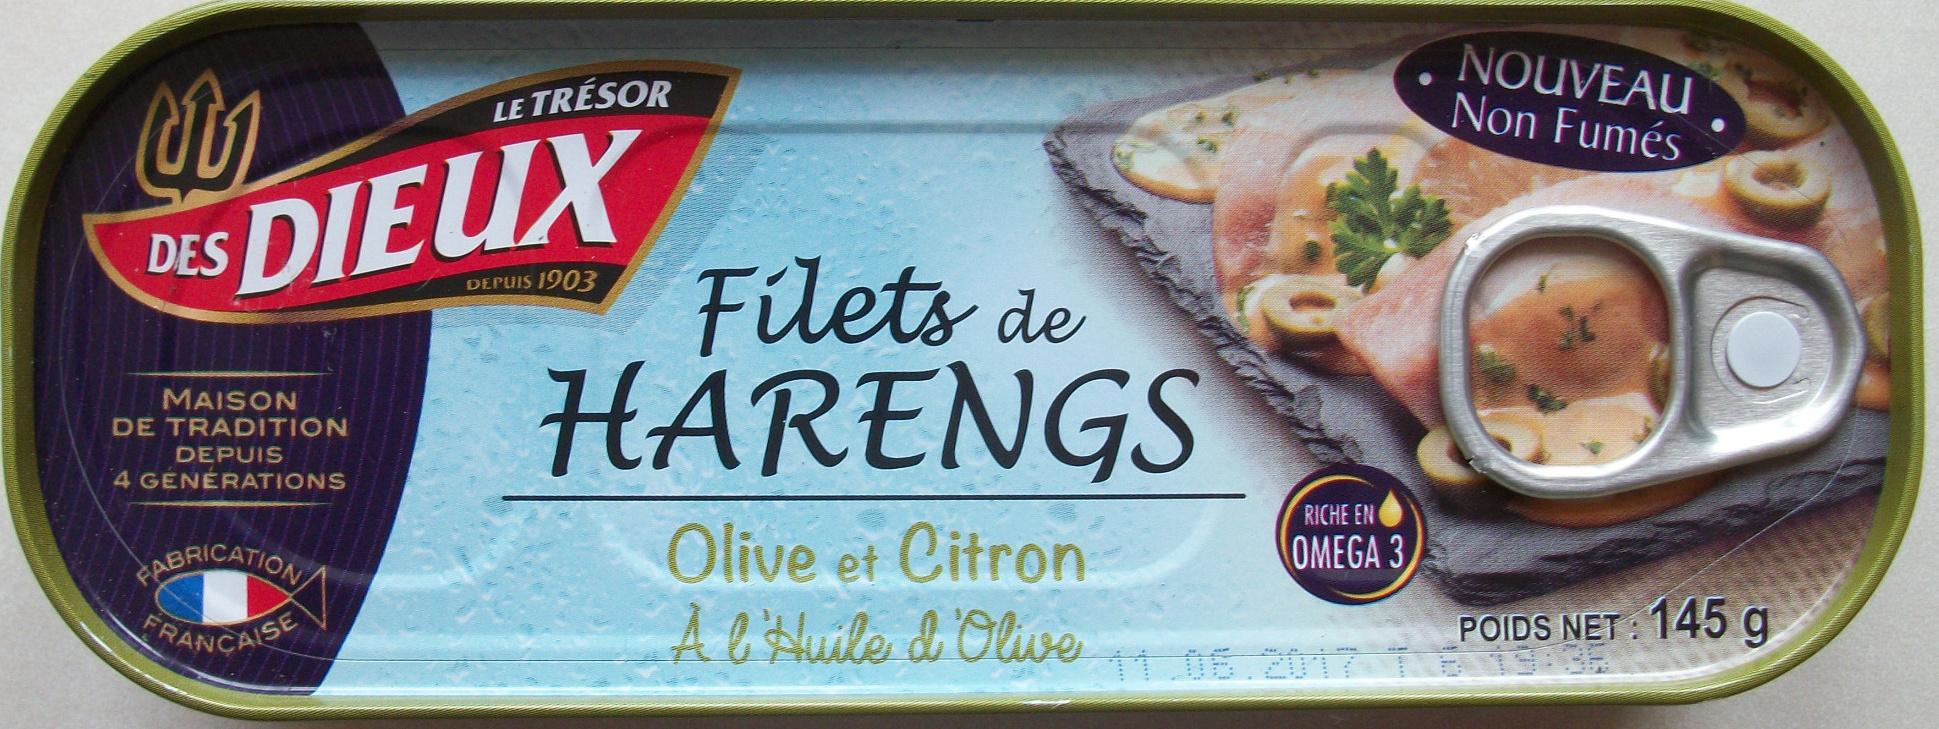 Filets de Harengs (Olive et Citron, À l'Huile d'Olive) - Produit